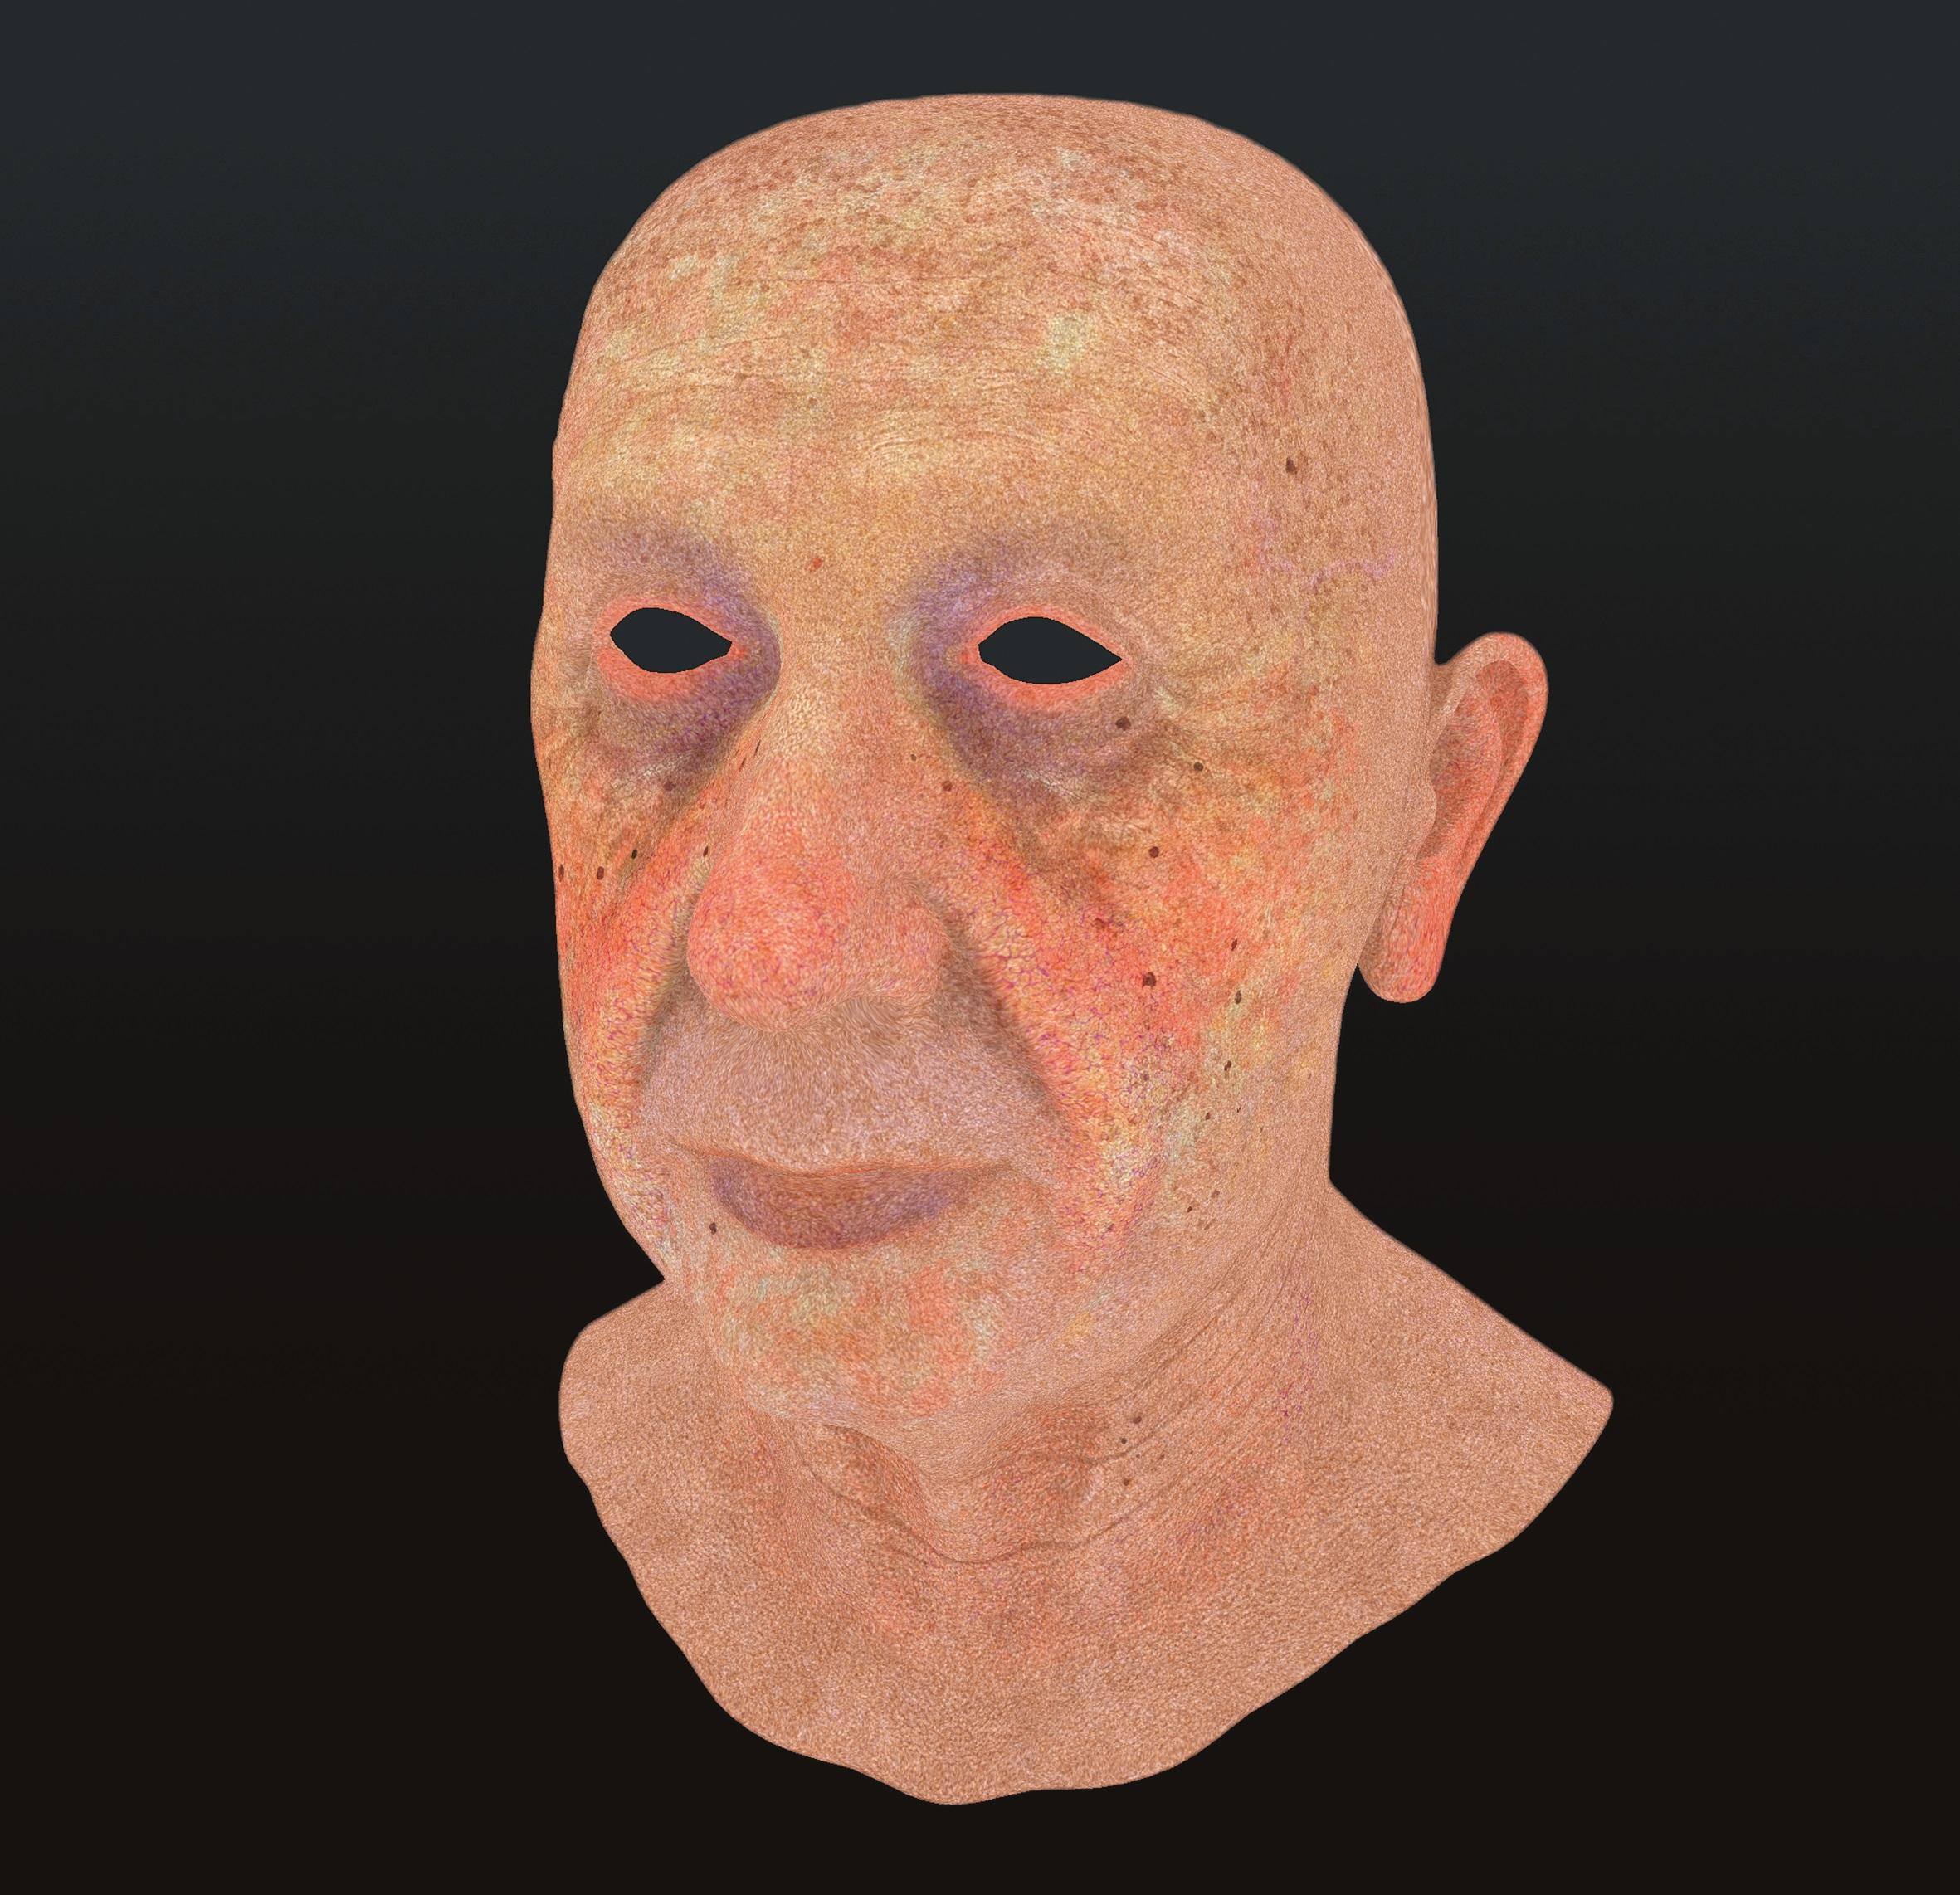 Zum Einfärben der Haupttöne des Gesichtsbereiches fügte der Artist Ebenen mit dem Blending-Modus Color ein.